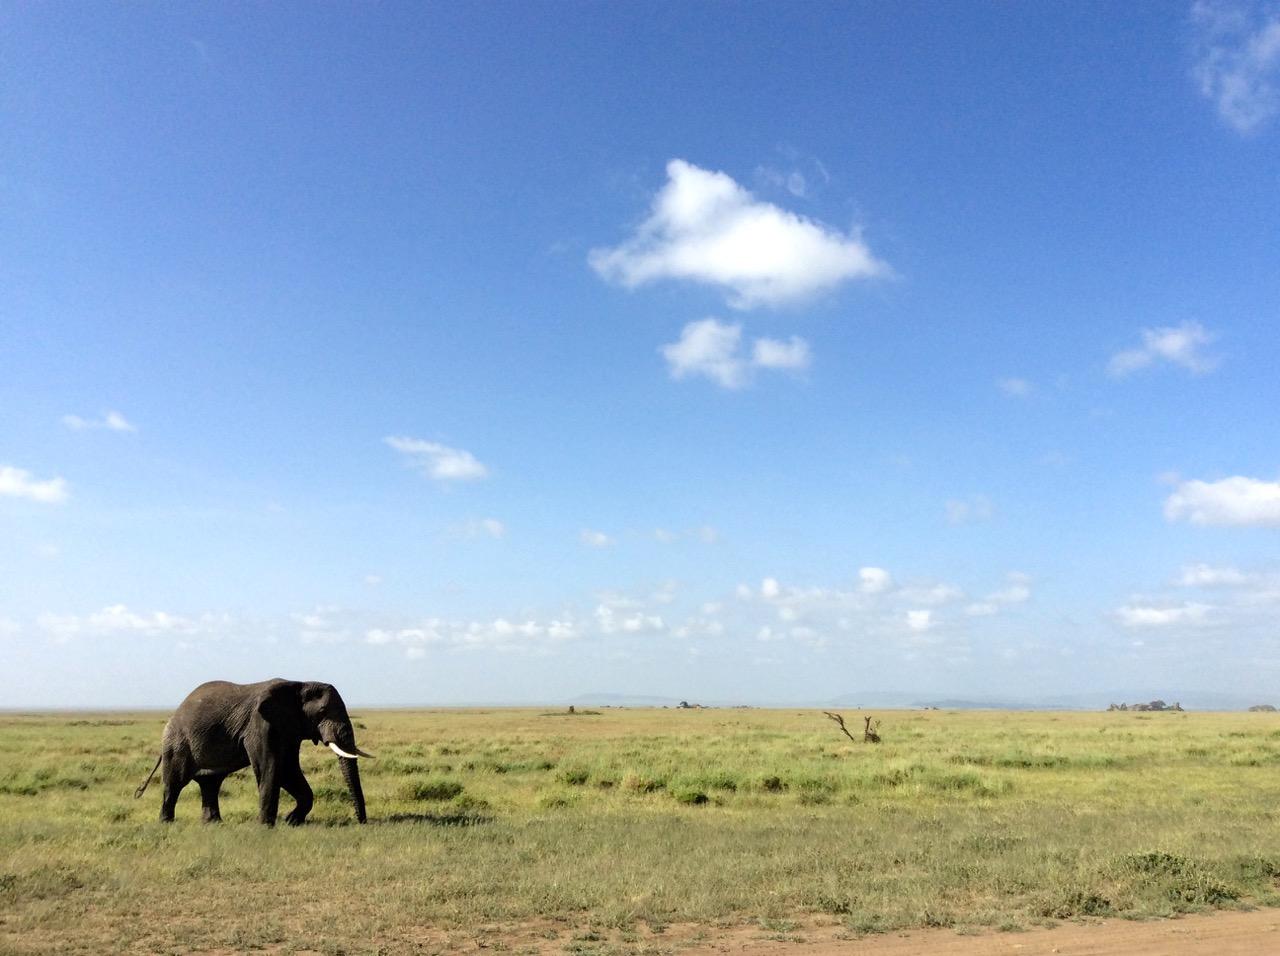 Serengeti Safari - Elephant Serengeti National Park, Tanzania